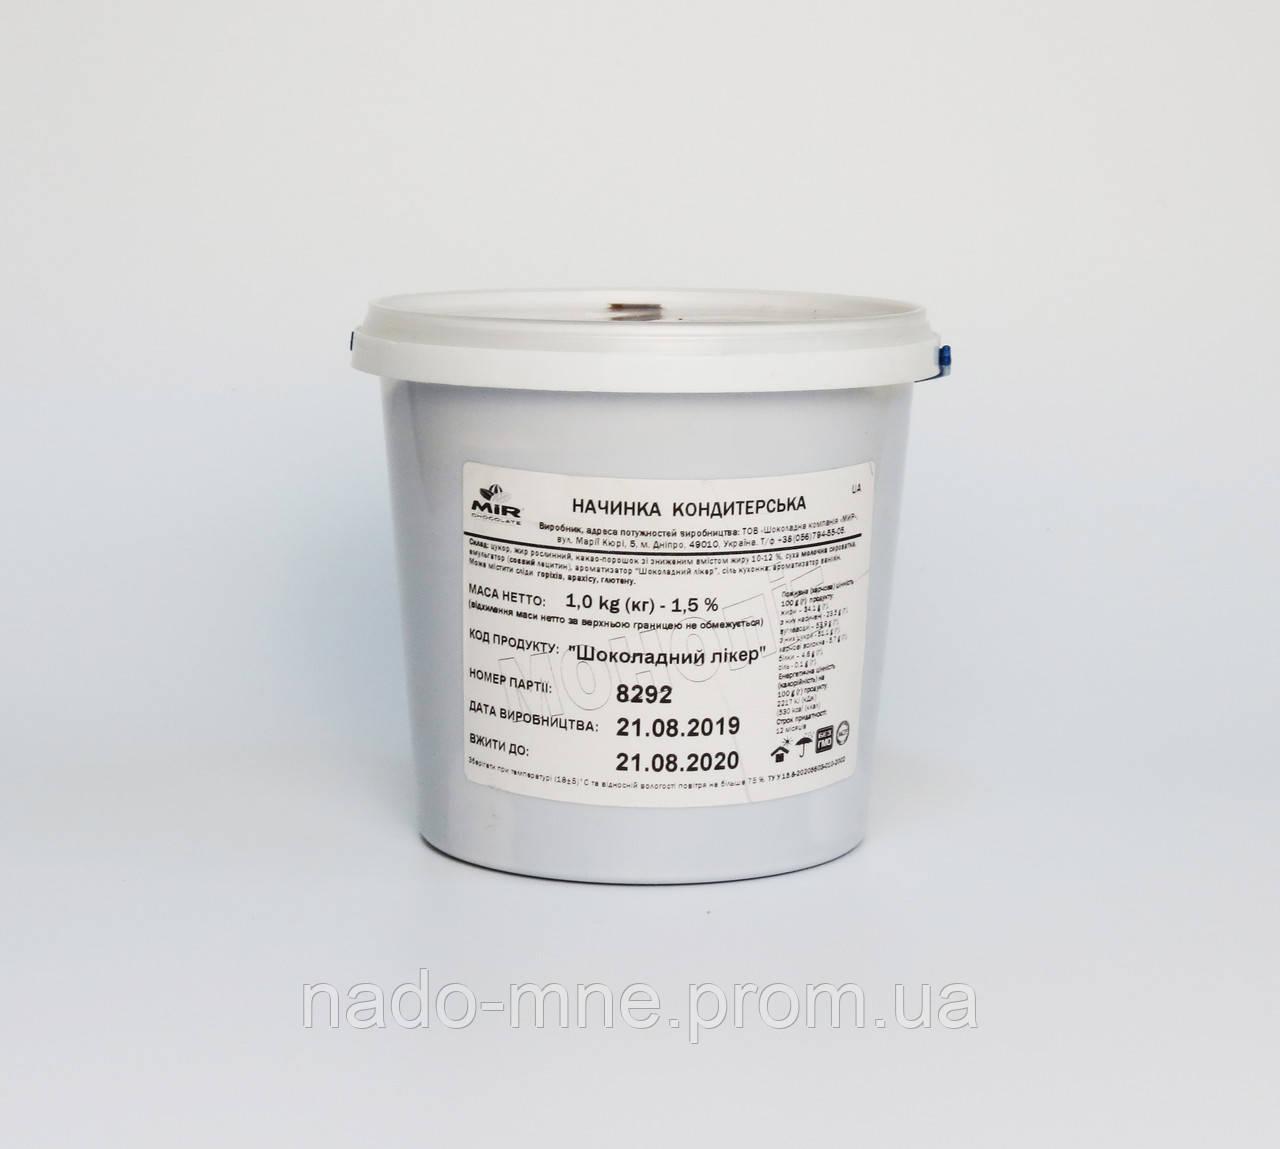 """Наполнитель """"Nutterella"""", Шоколадный ликер, Мир, Украина, 1 кг"""